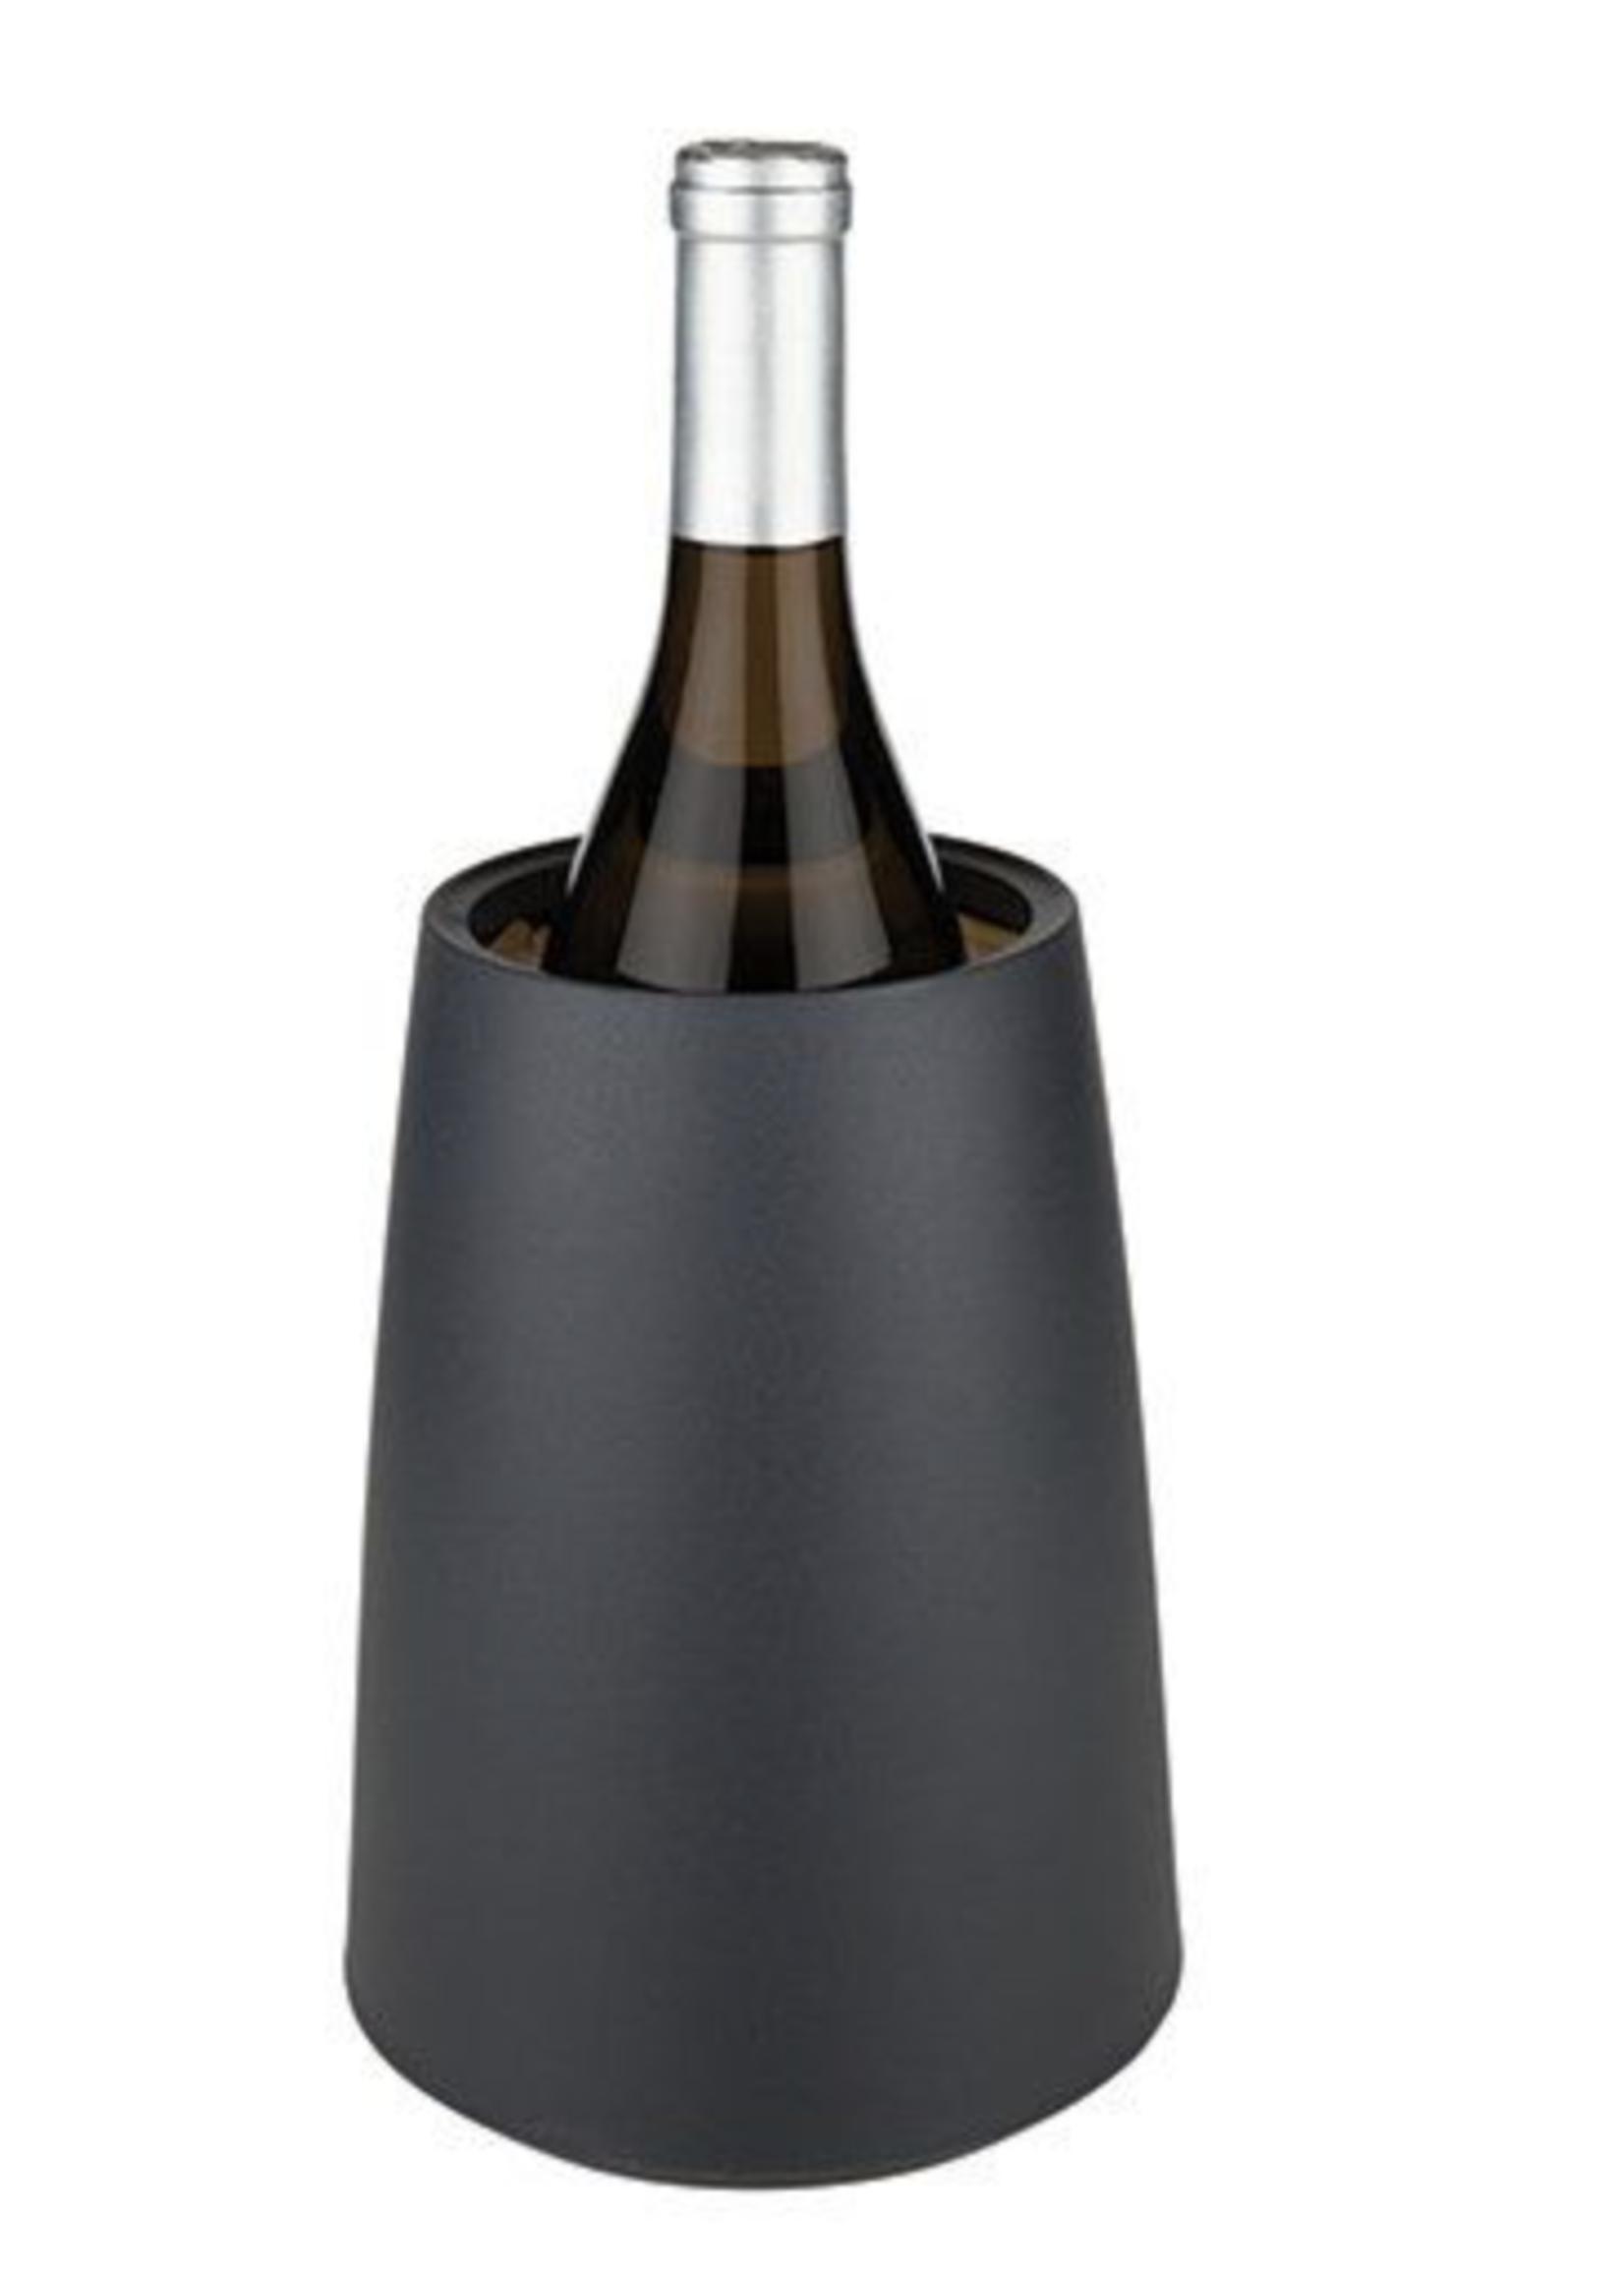 True True Vacu Vin Active Wine Cooler